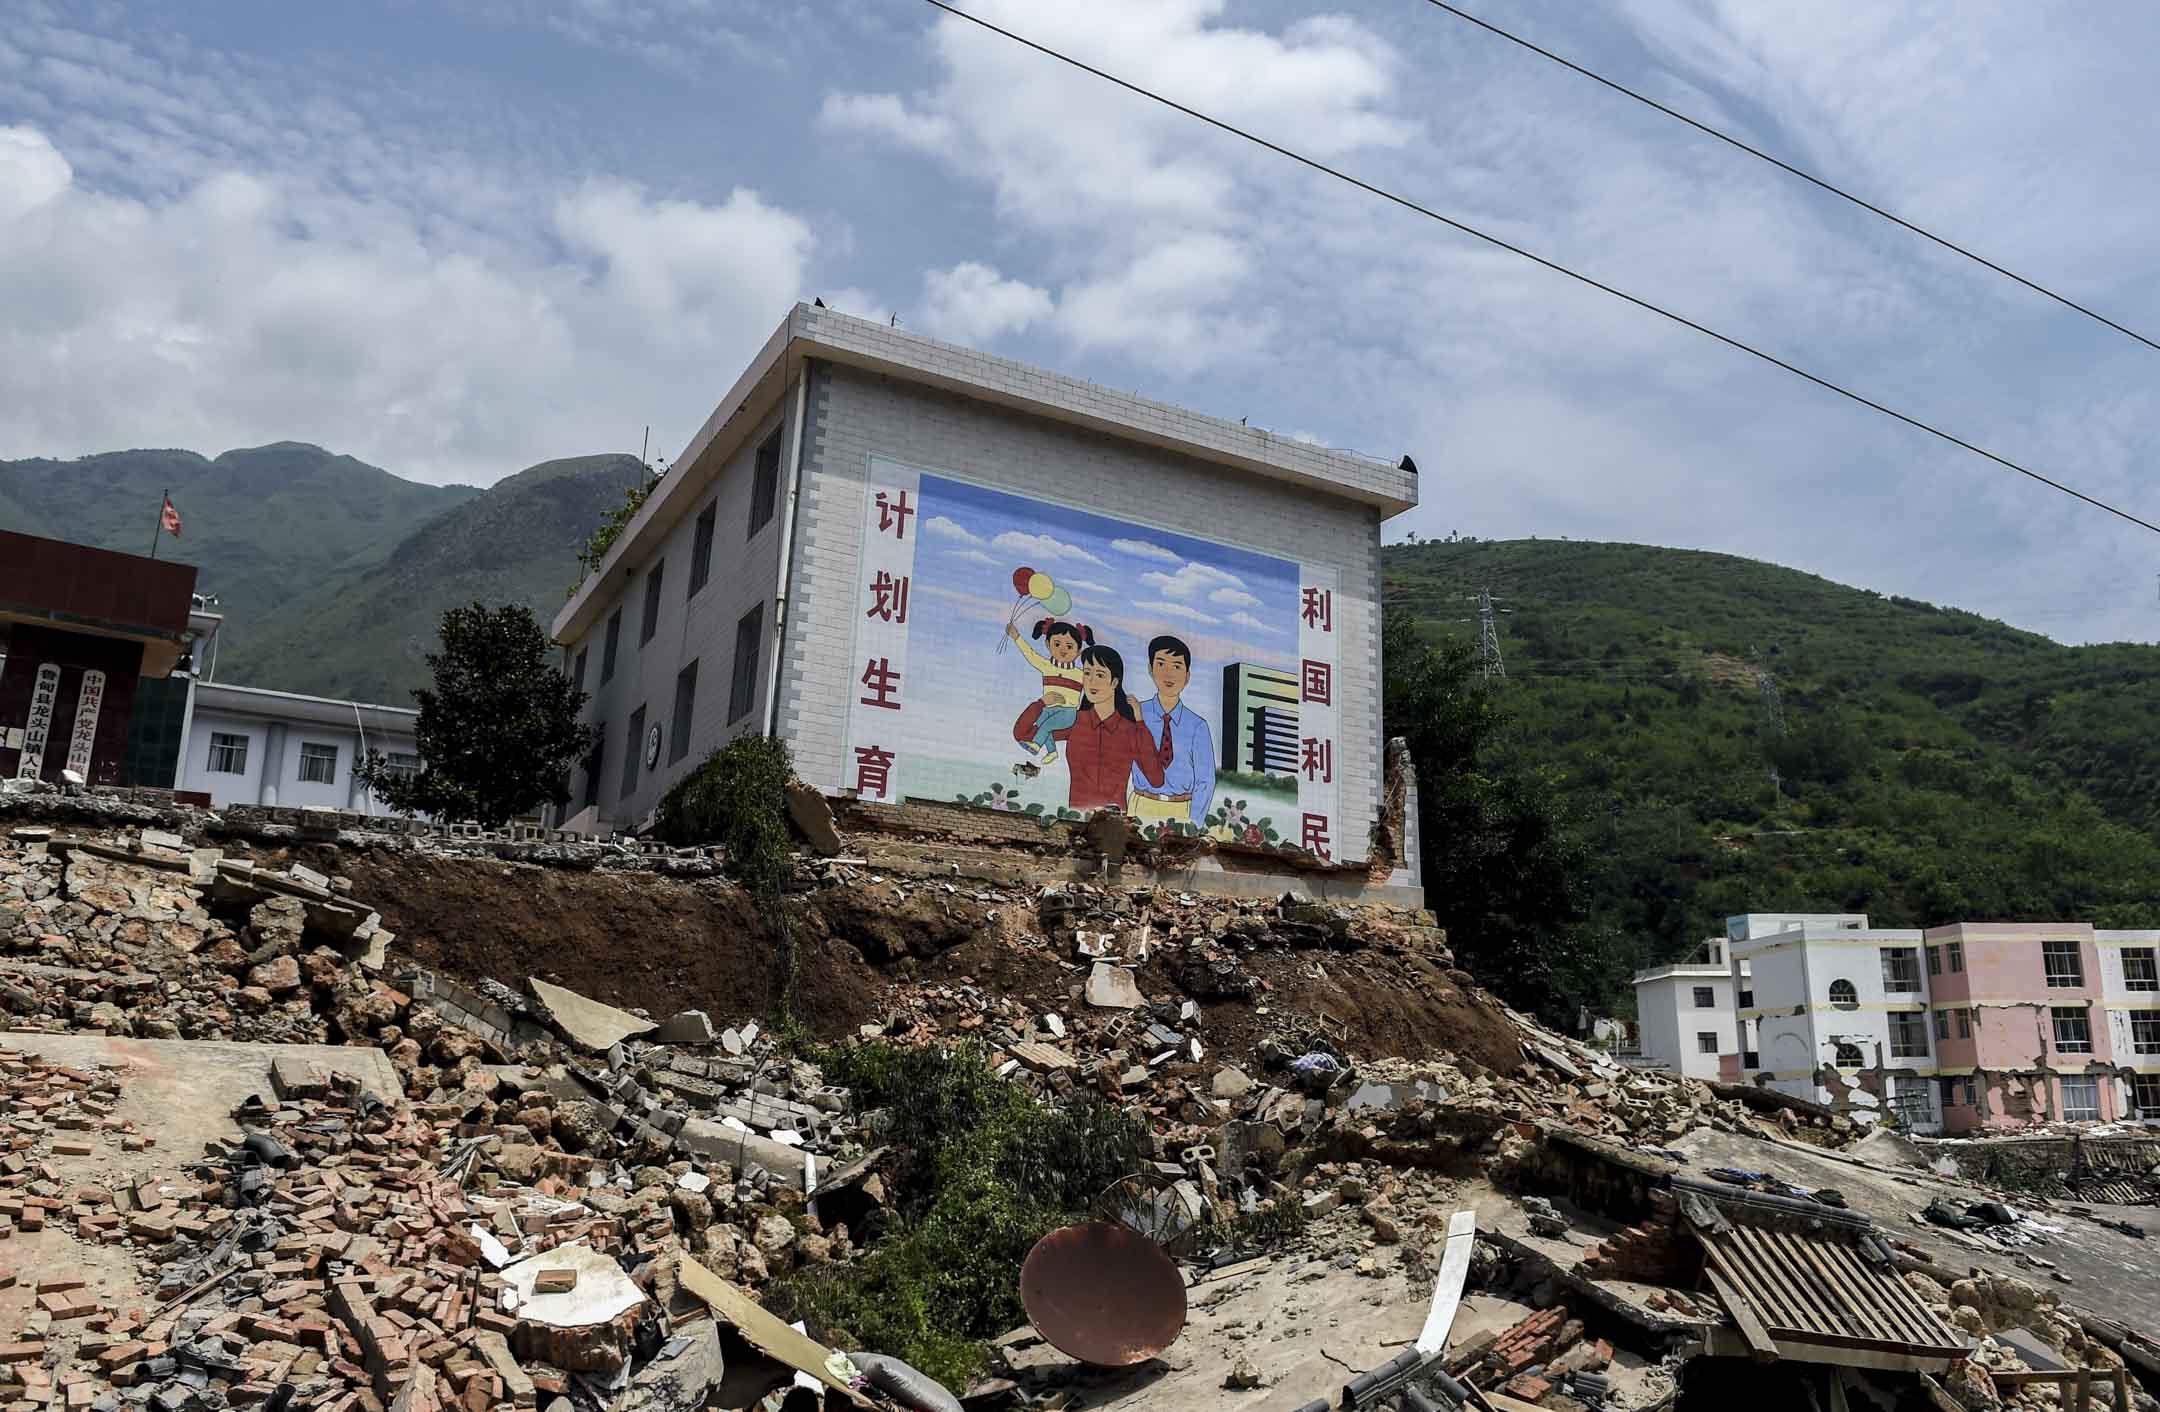 2016年1月1日,中國開始實行全面二孩政策。政策掉頭的同時,全國近八百萬計生人員也開始艱難轉型,從不許生育、變成求人生育。 攝:Greg Baker/AFP/Getty Images